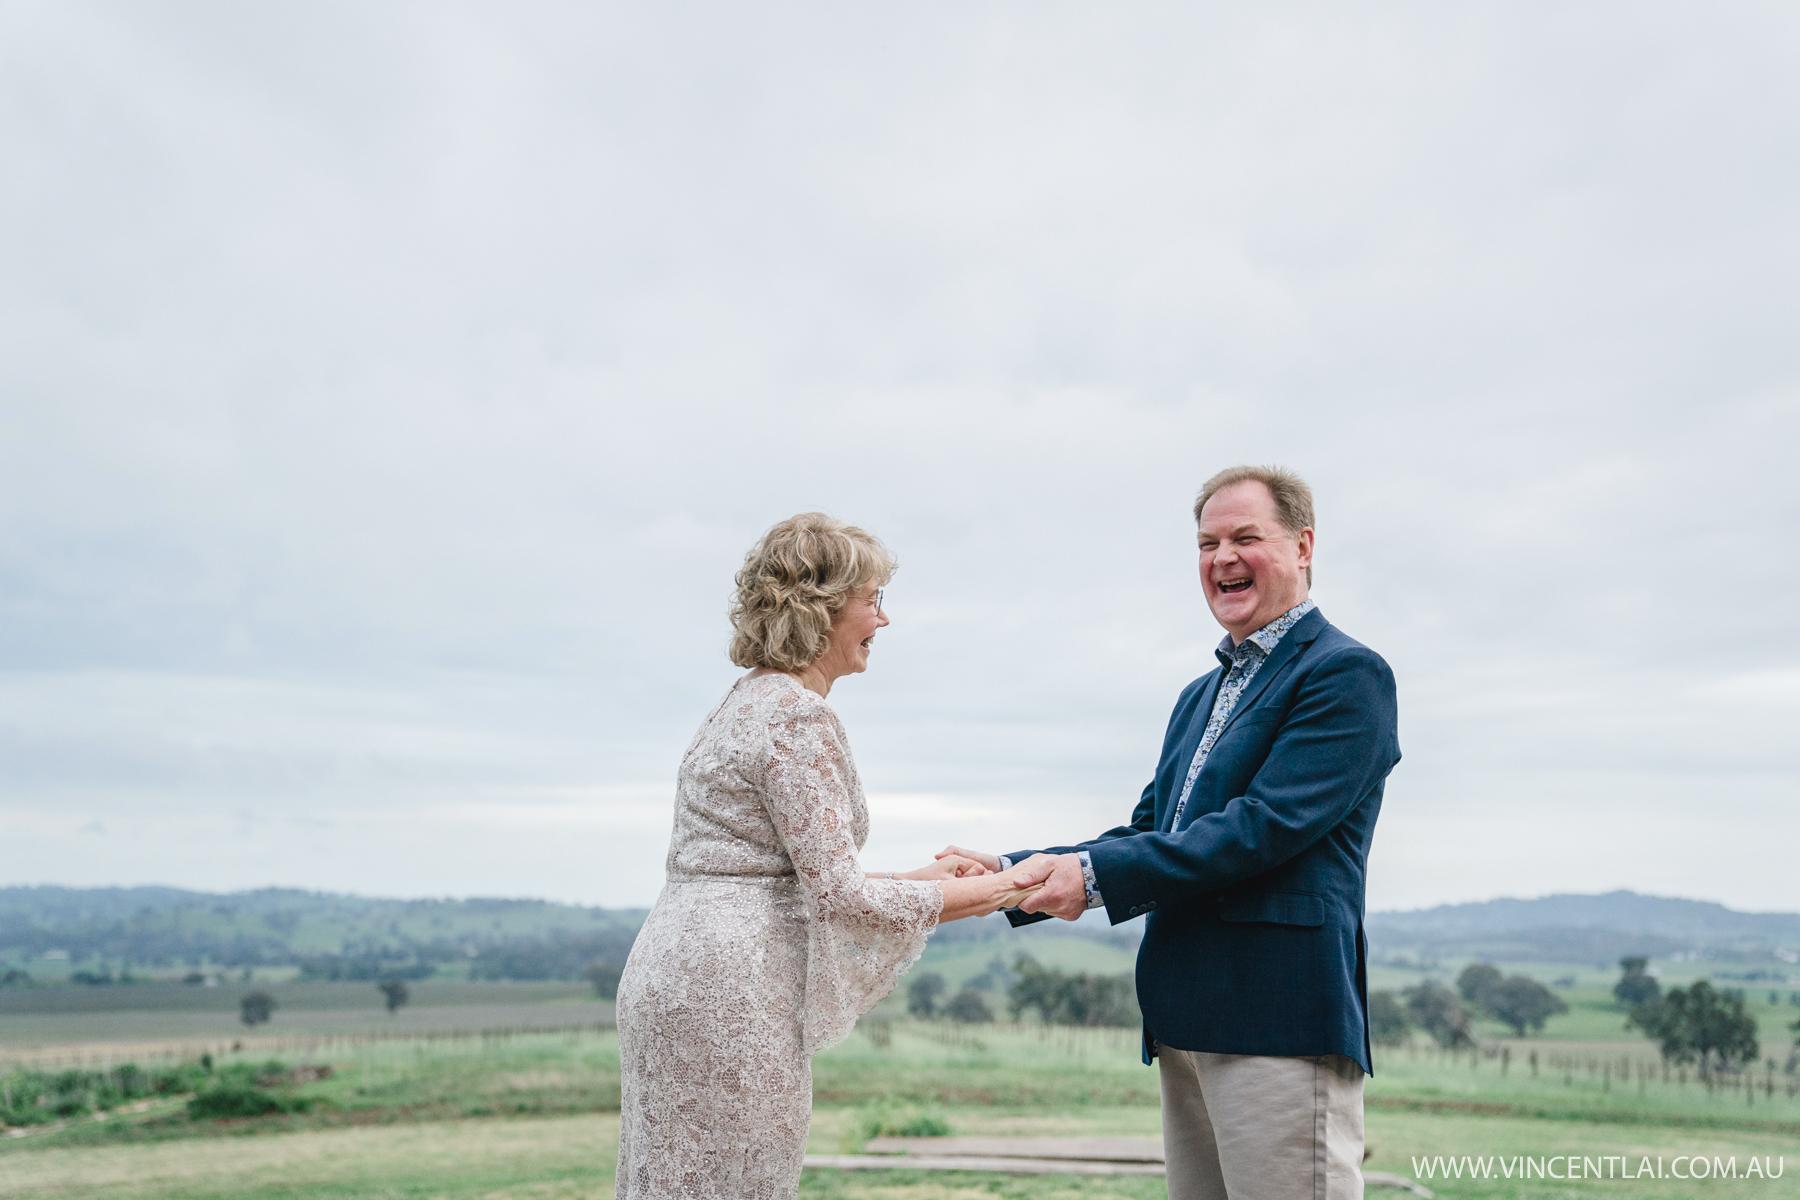 Wedding Photographer in Mudgee